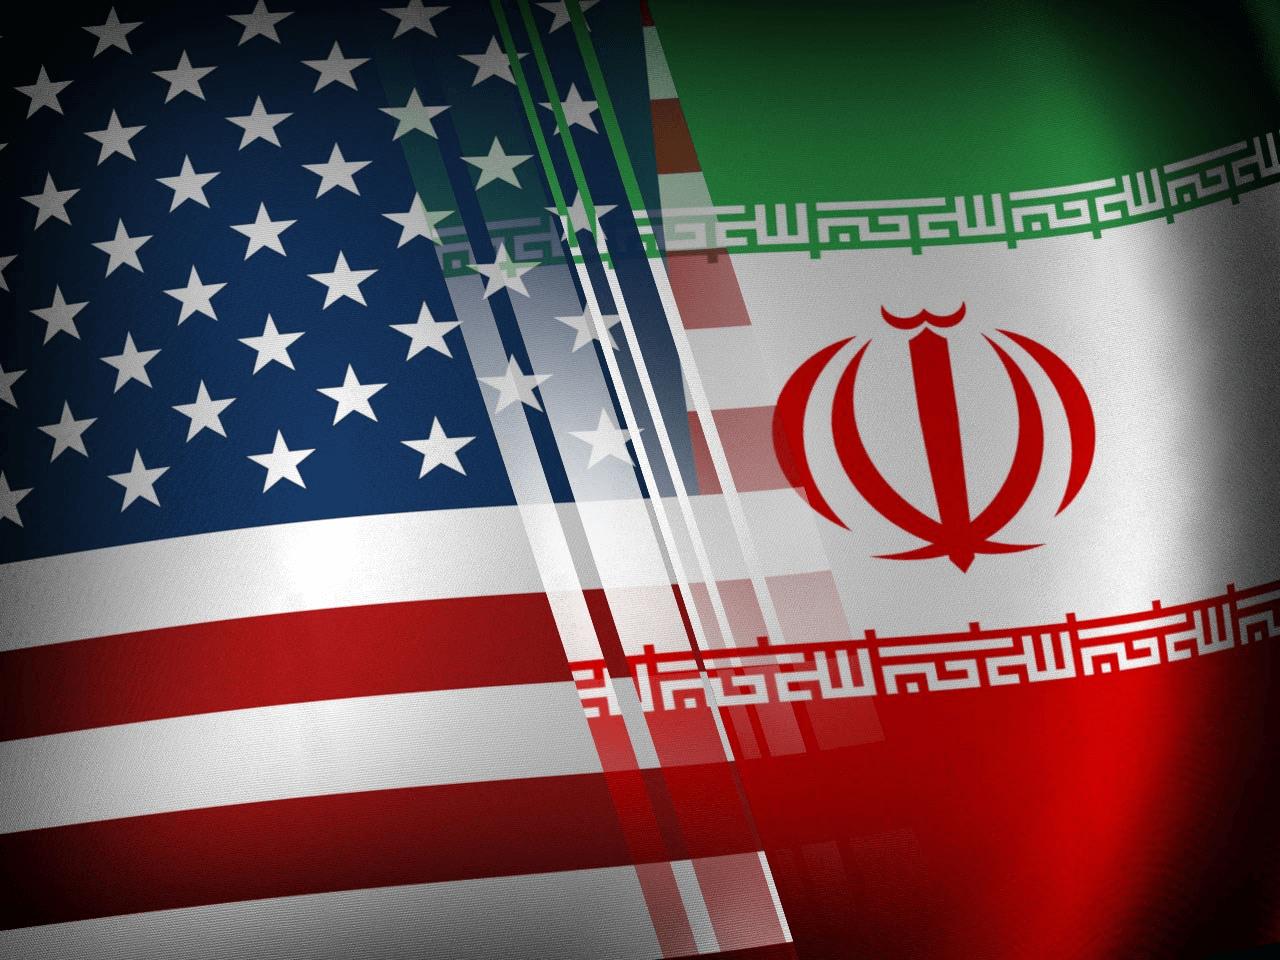 ABD İran ile Ticaret Yapanlara İlişkin Yeni Yaptırımları Devreye Aldı